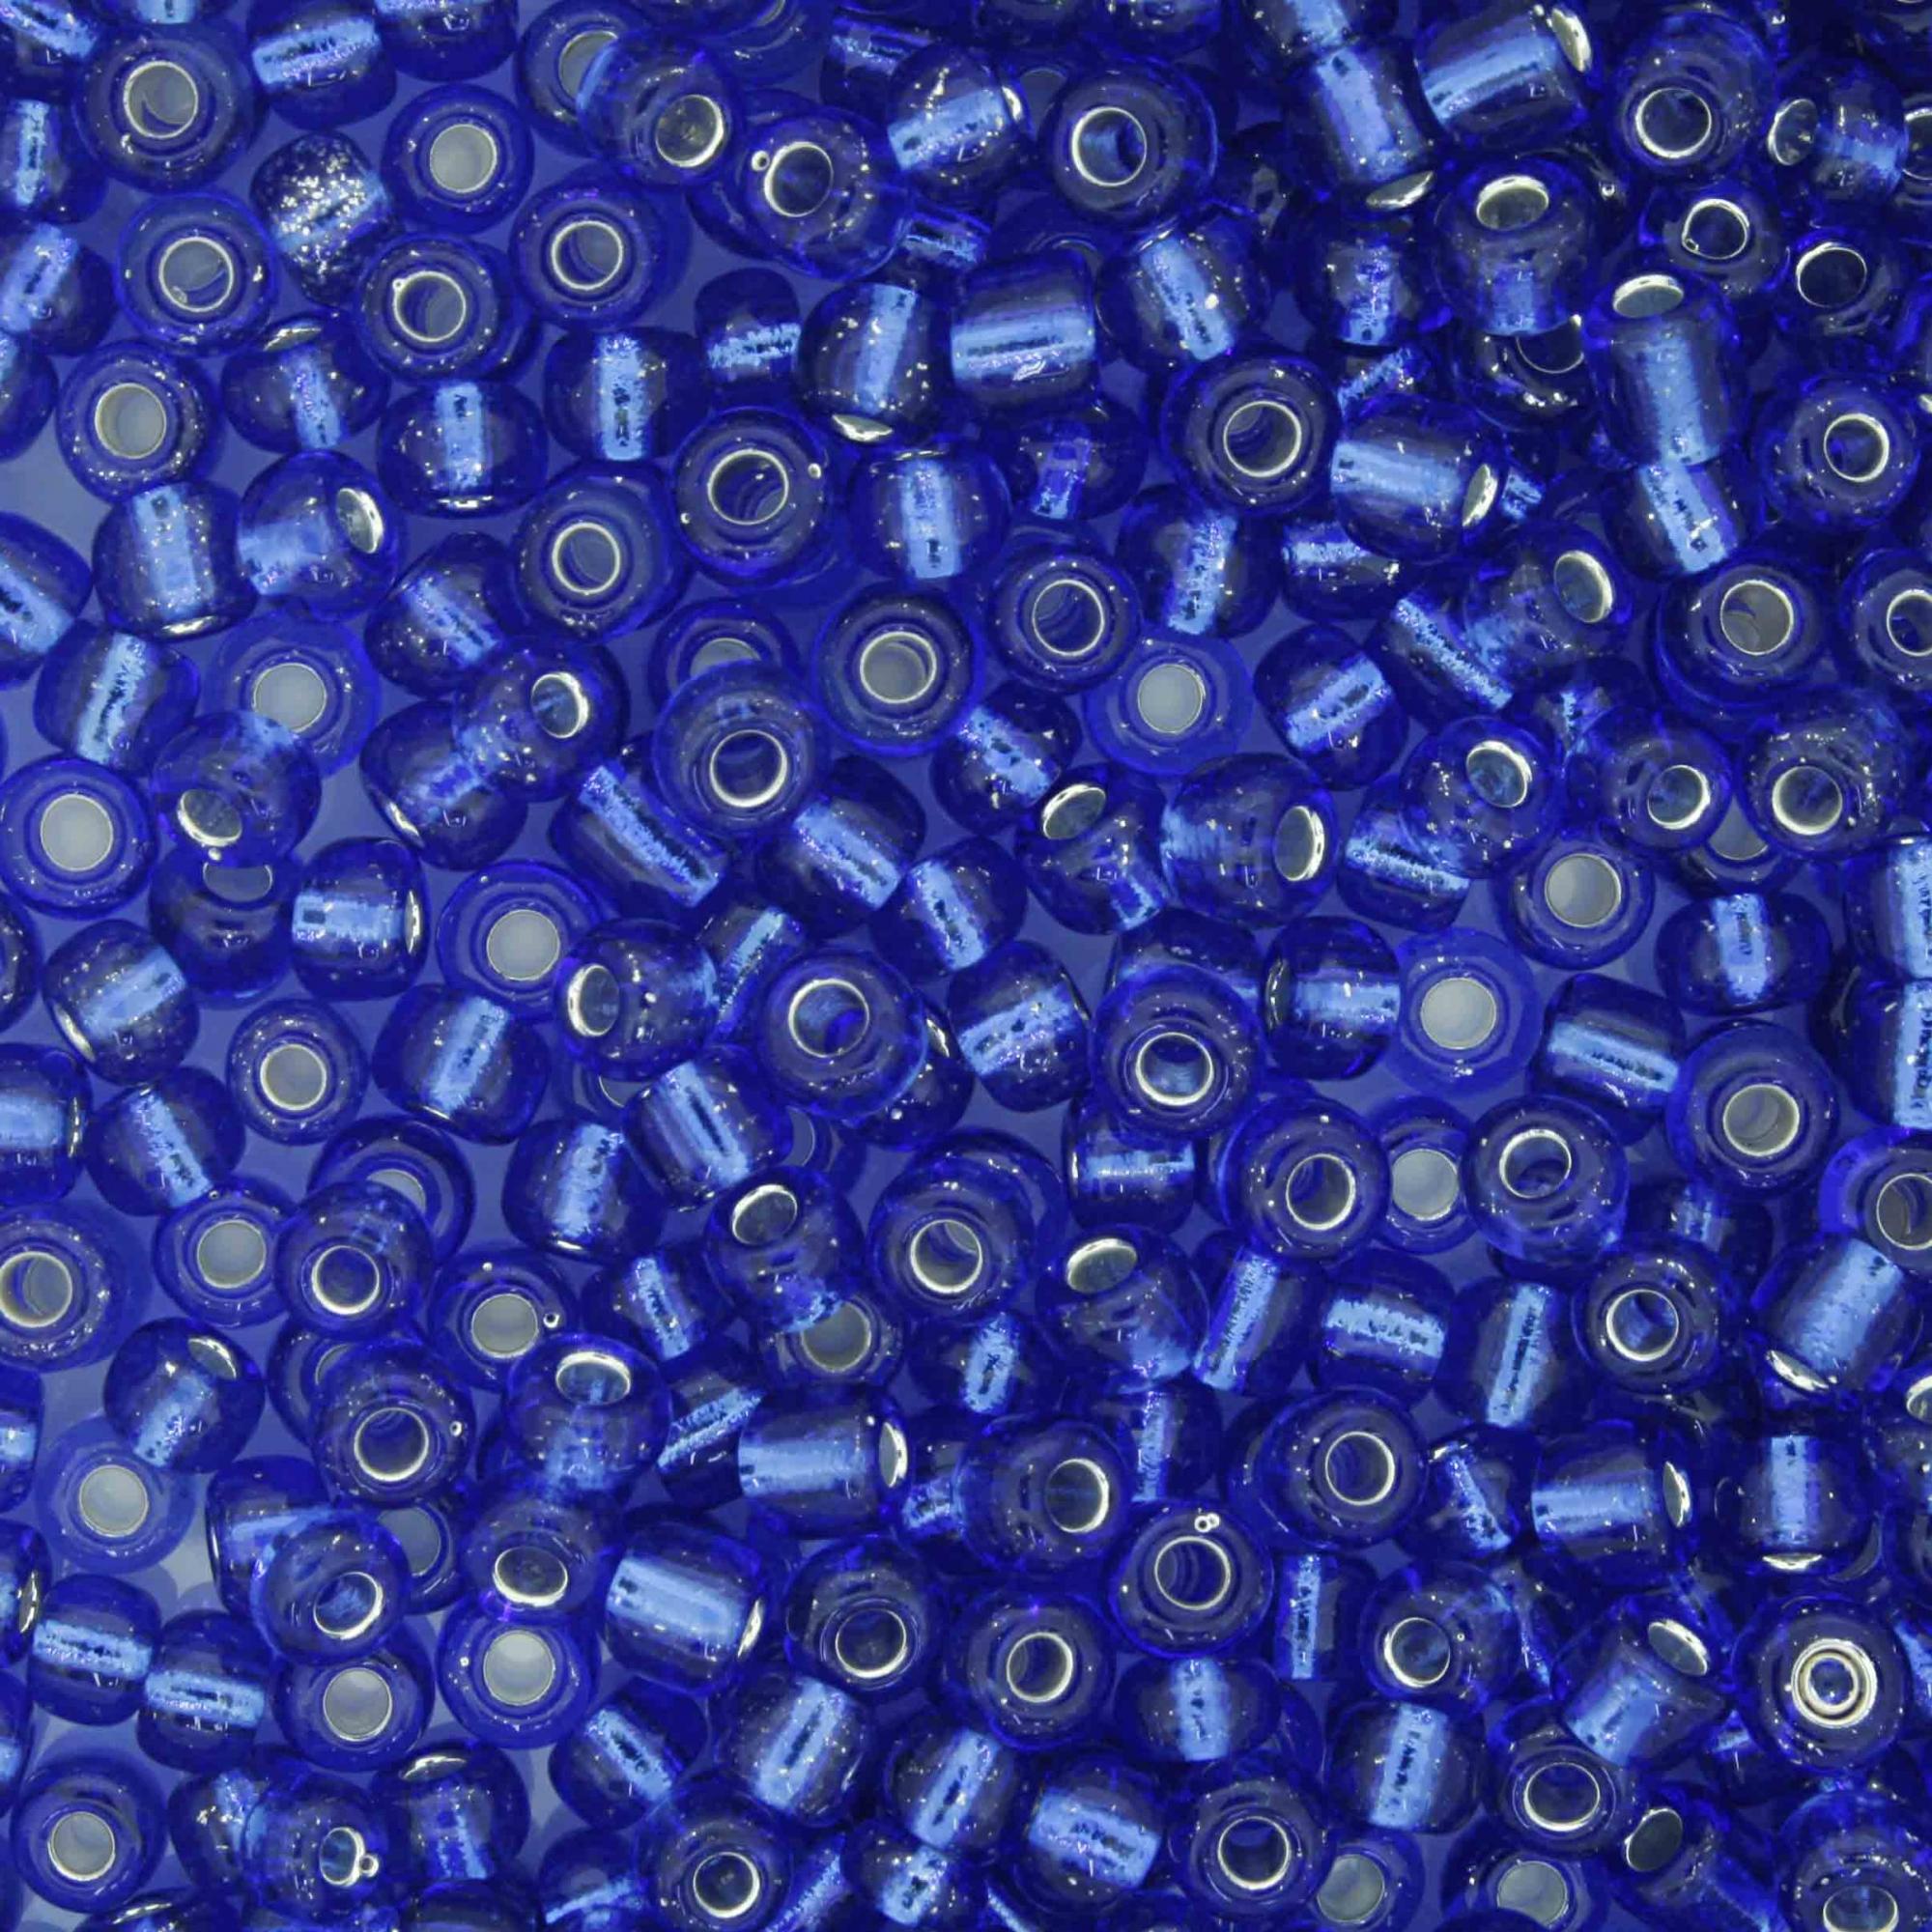 Miçanga 6/0 - 4.0x3.0mm - Azul Royal Transparente  - Universo Religioso® - Artigos de Umbanda e Candomblé